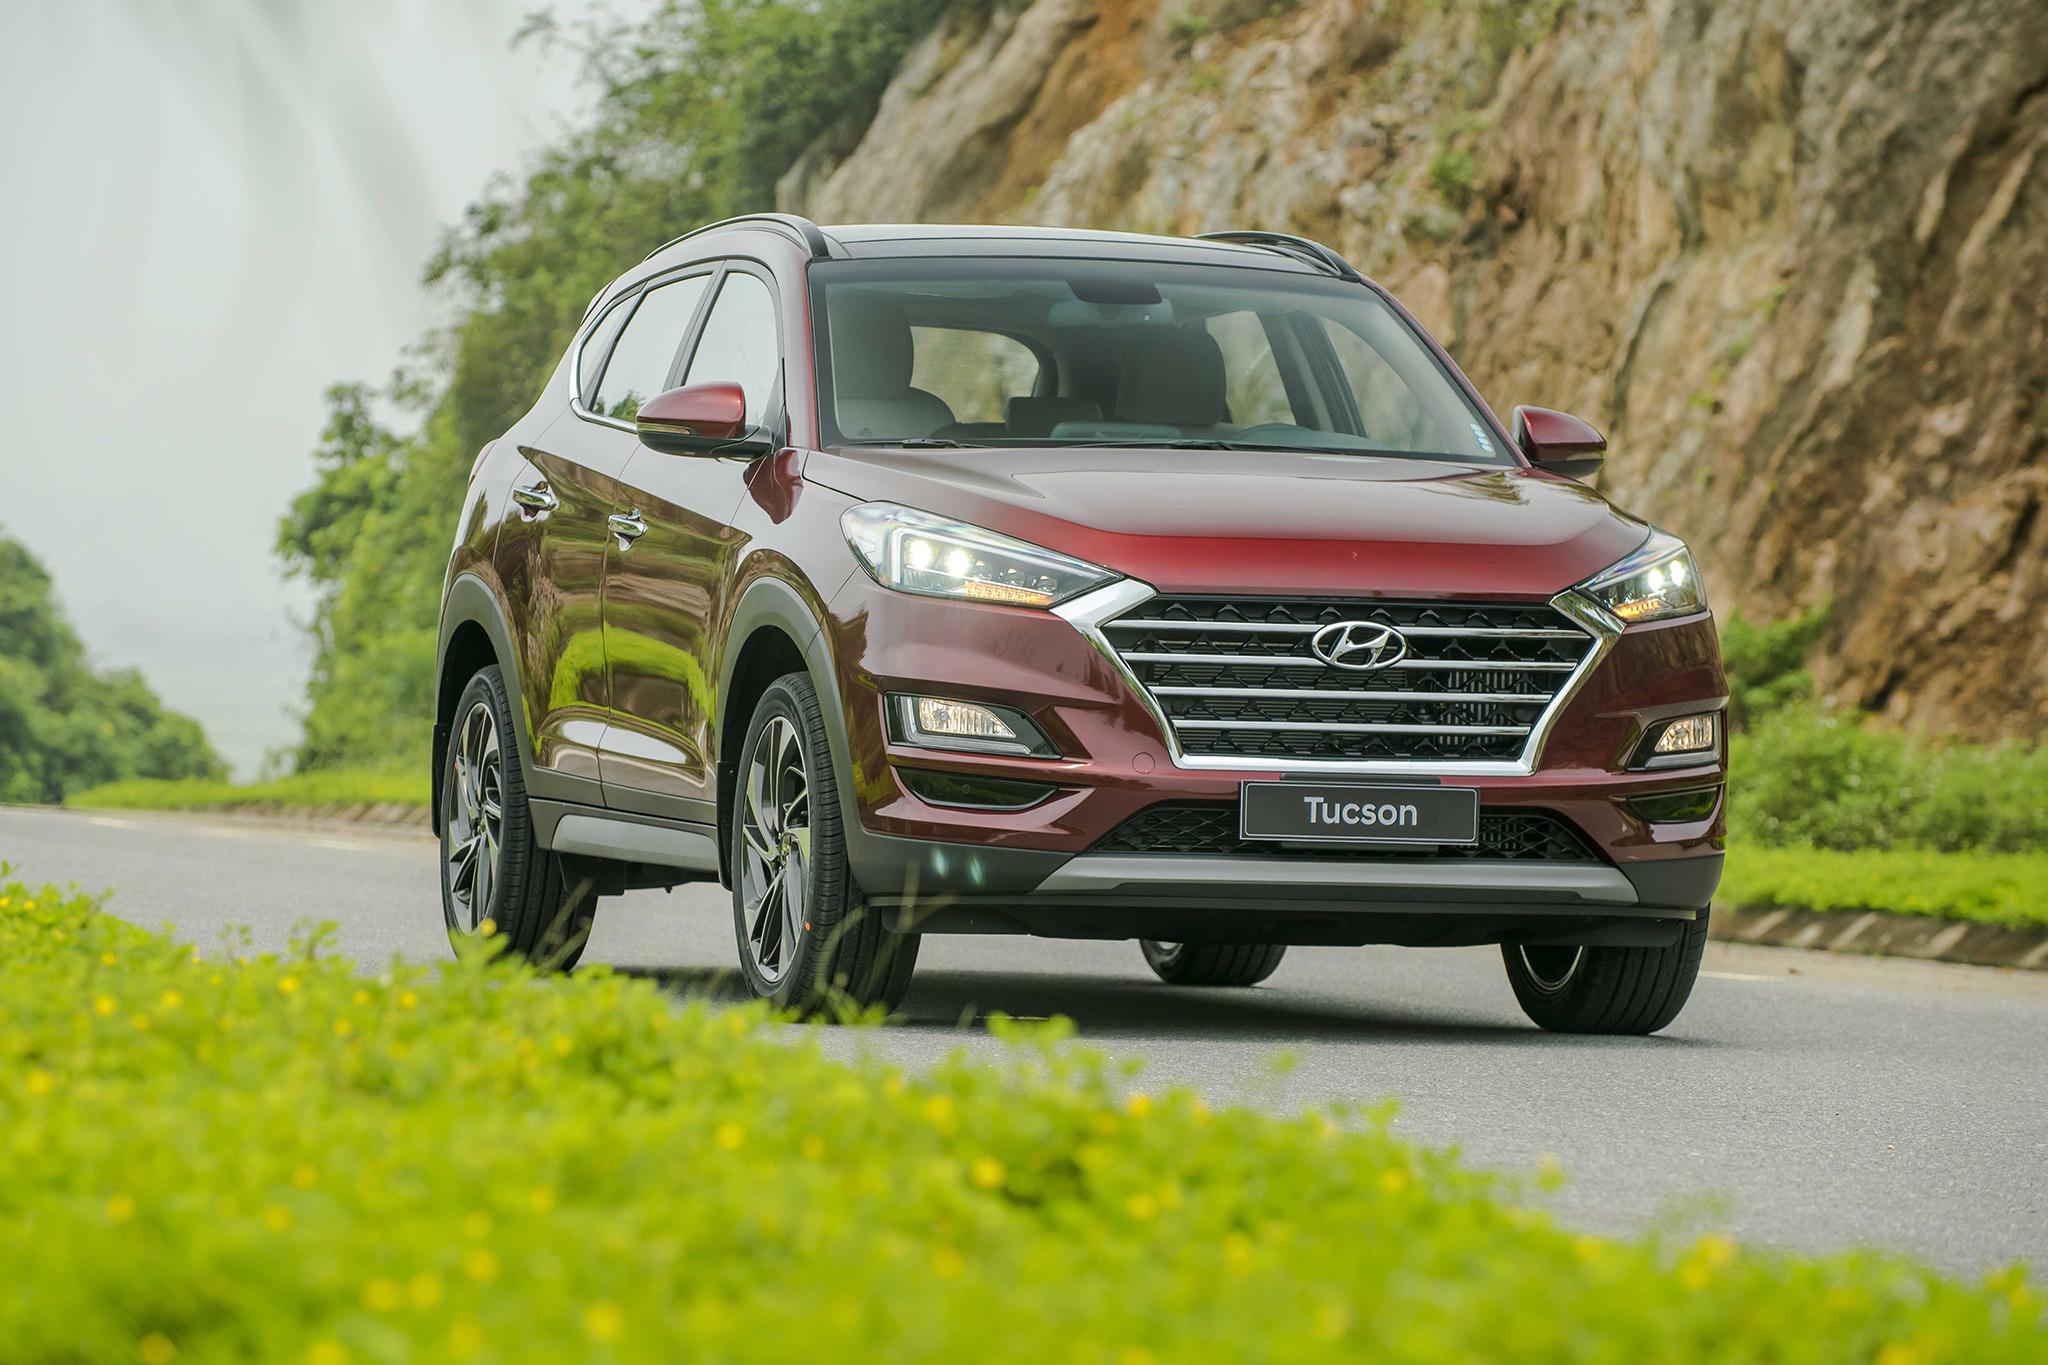 danh gia xe hyundai tucson 2019 tai muaxegiabeo 7 - Danh sách các hãng và Giá xe Ô Tô của năm [hienthinam]